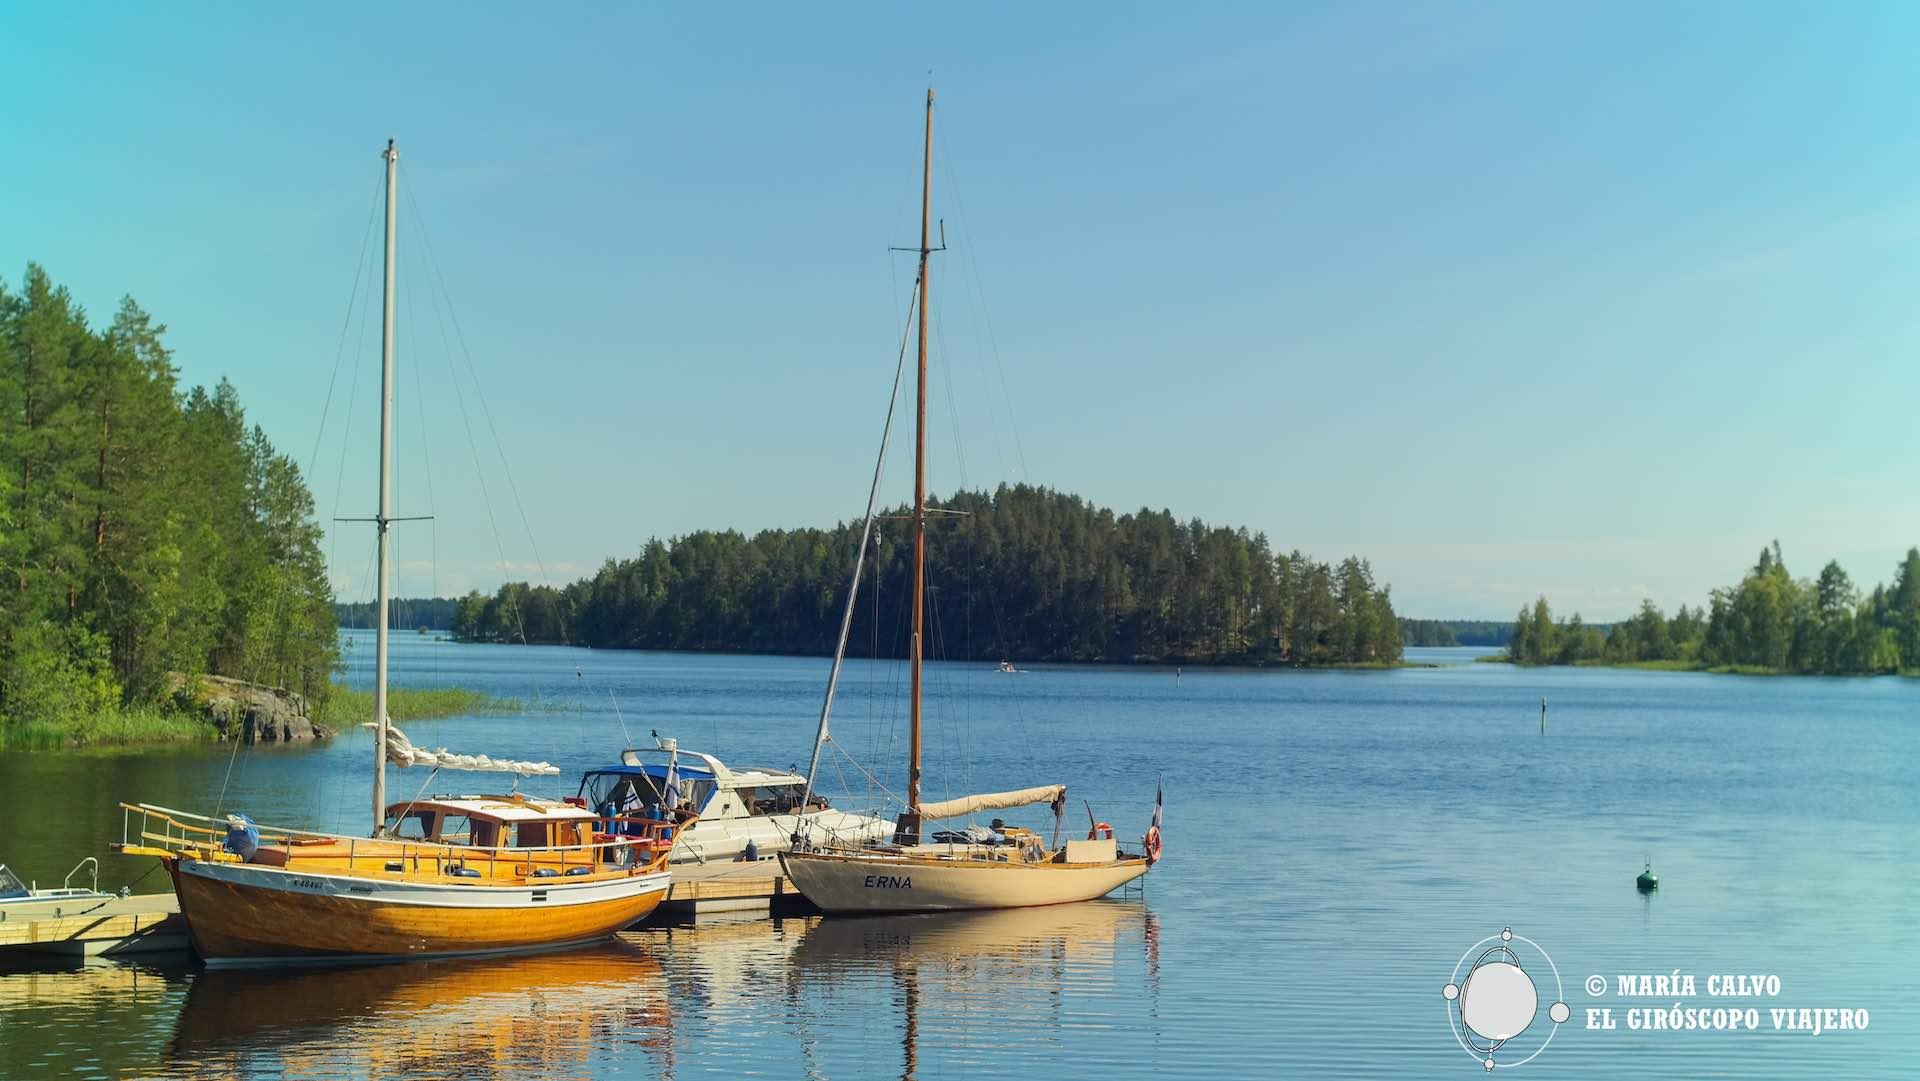 c3585ee95c5 Road trip veraniego por 4 Parques Nacionales de Finlandia. Parque Nacional  de Linnansaari -